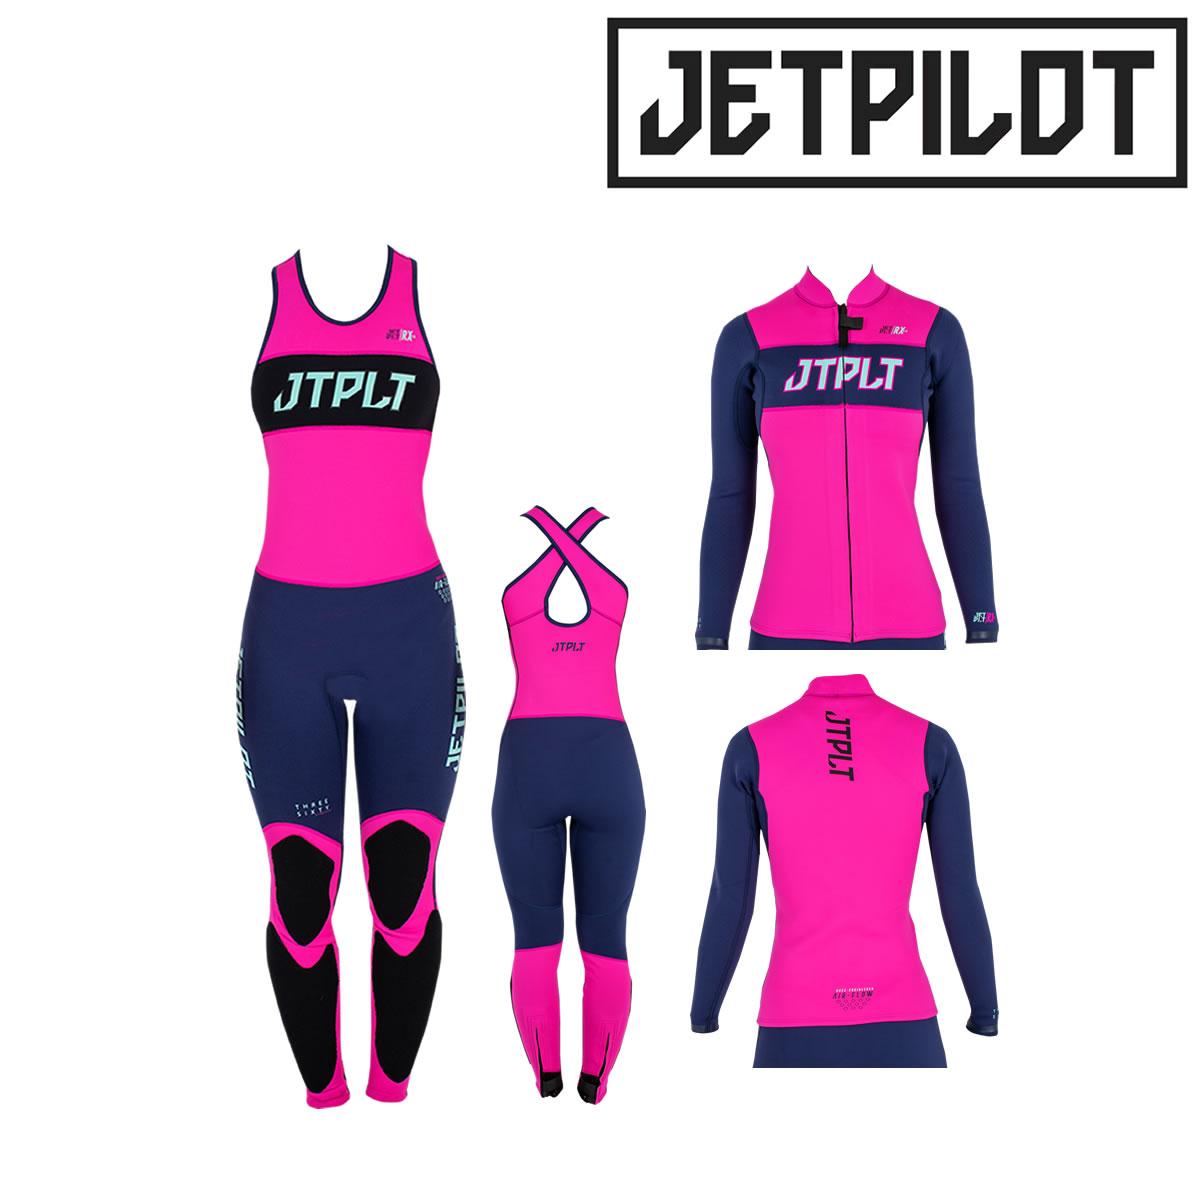 JETPILOT(ジェットパイロット) レディースウエットスーツ 2ピース (JA21251)